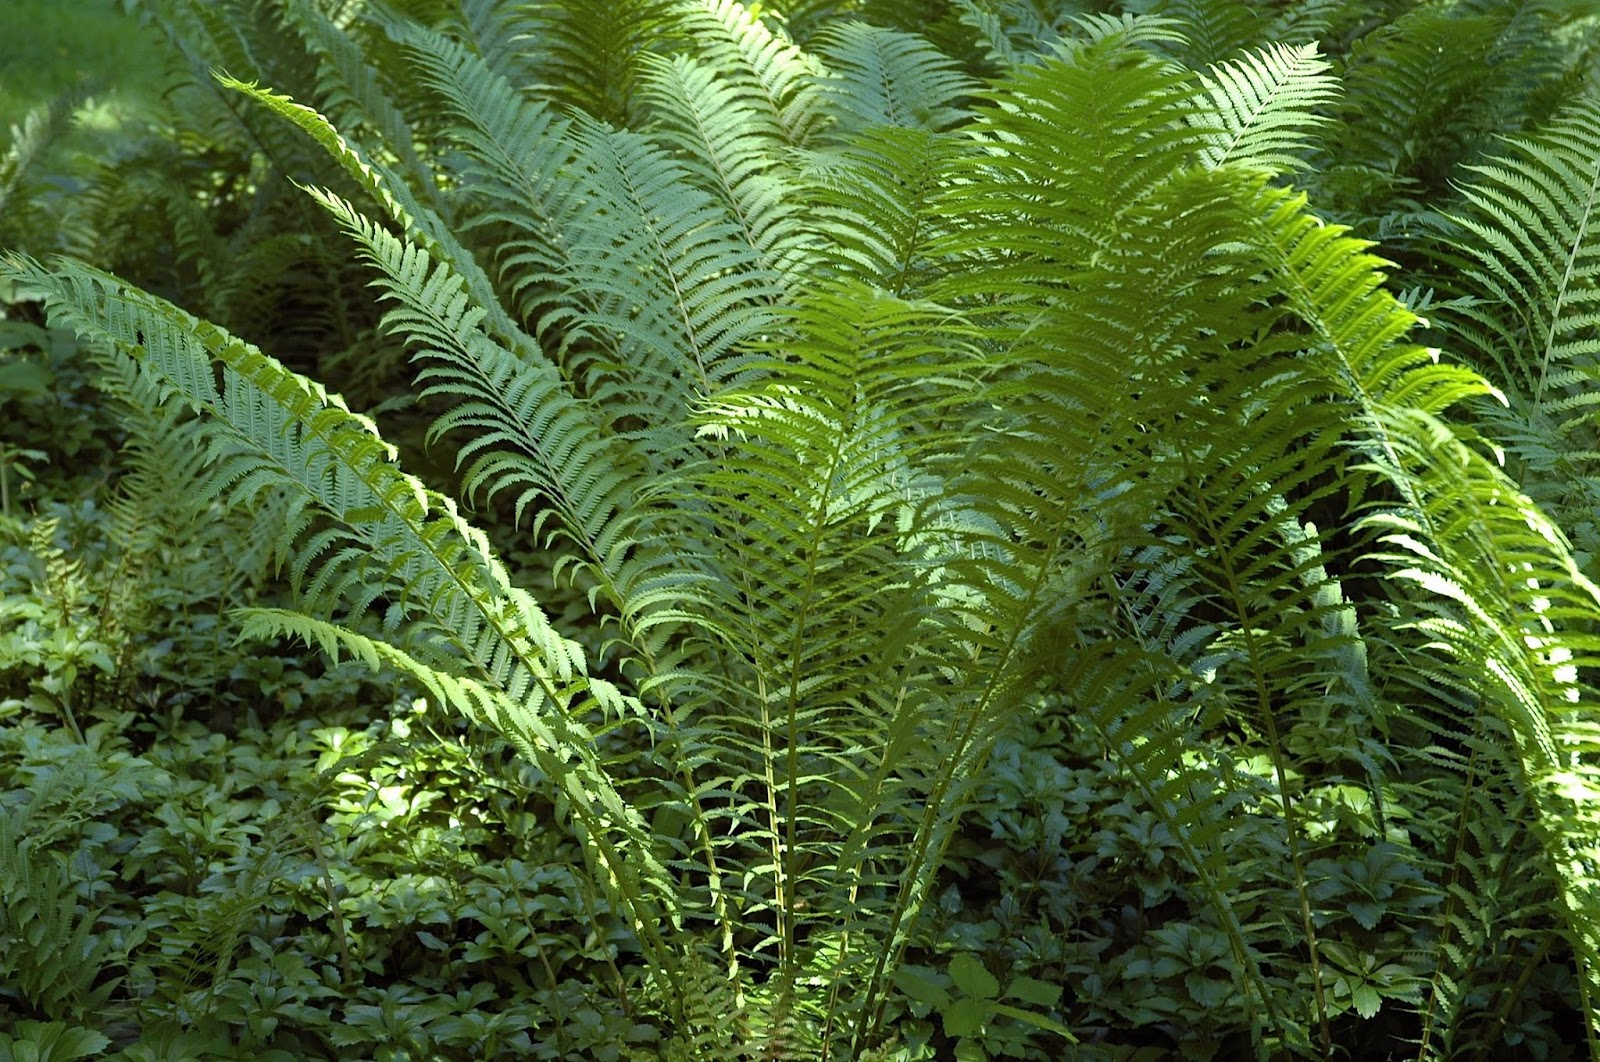 Field Biology in Southeastern Ohio: A Few More Ferns